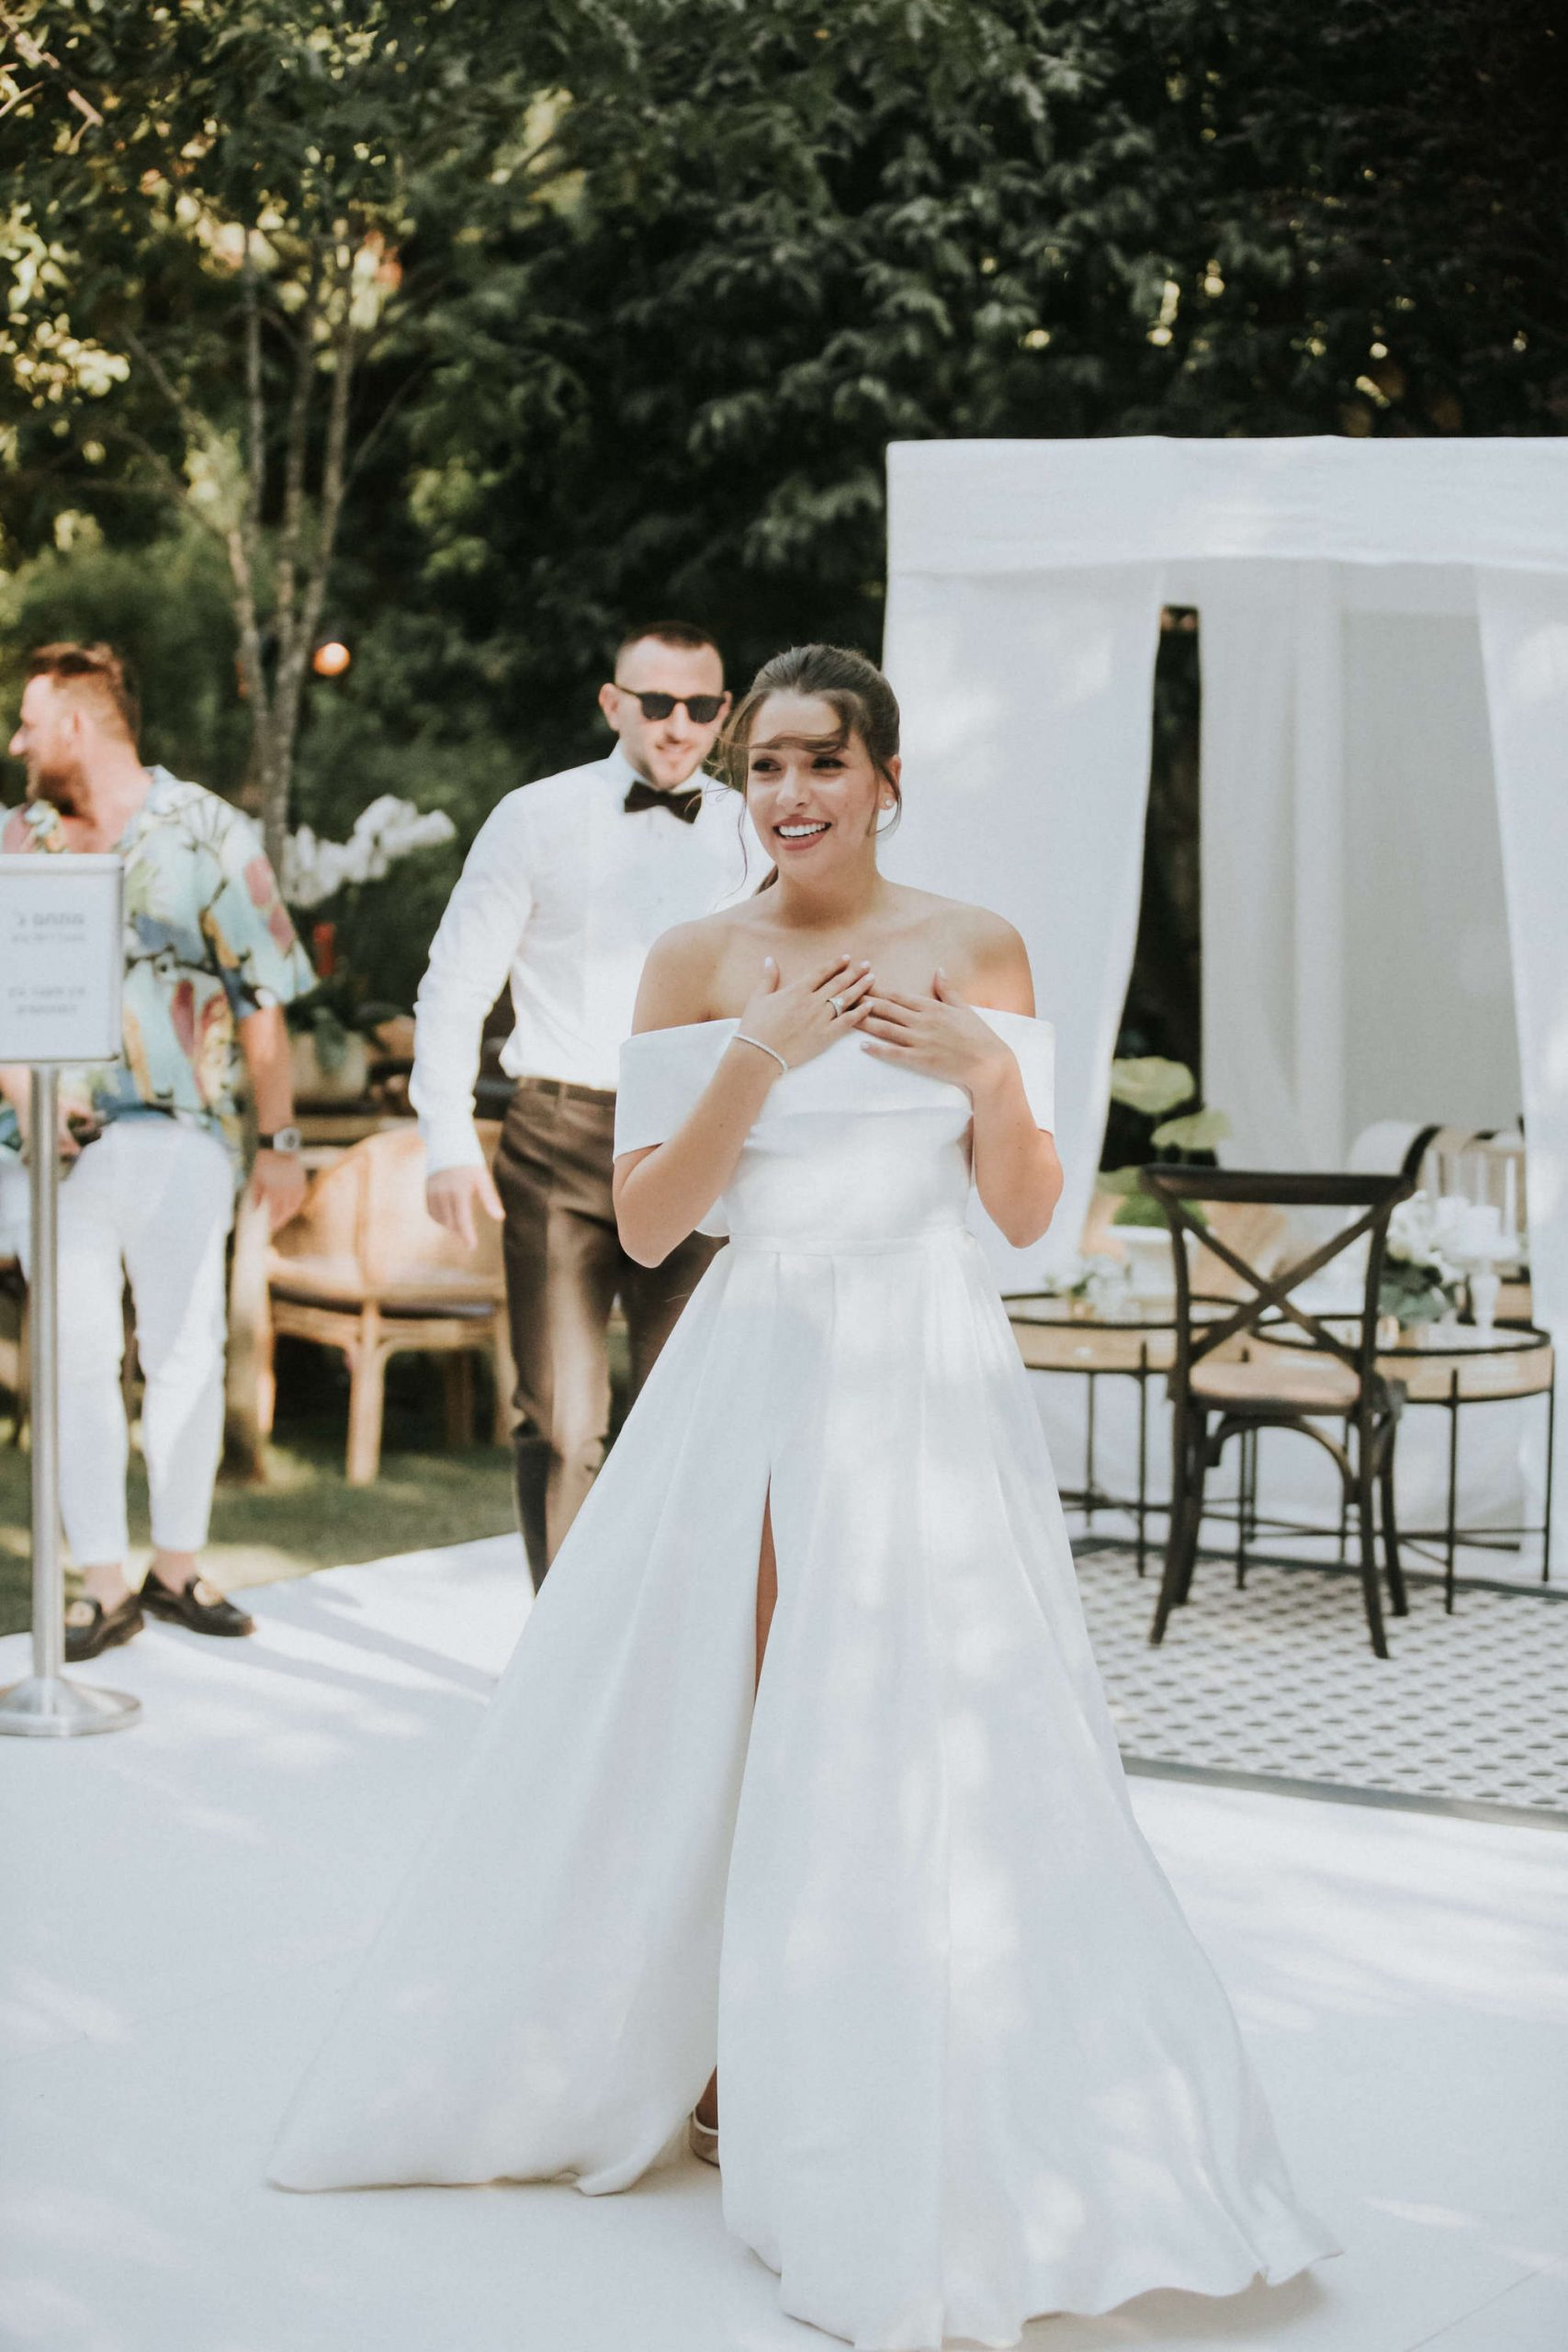 חתונת חצר יפיפיה: יובל ומורן